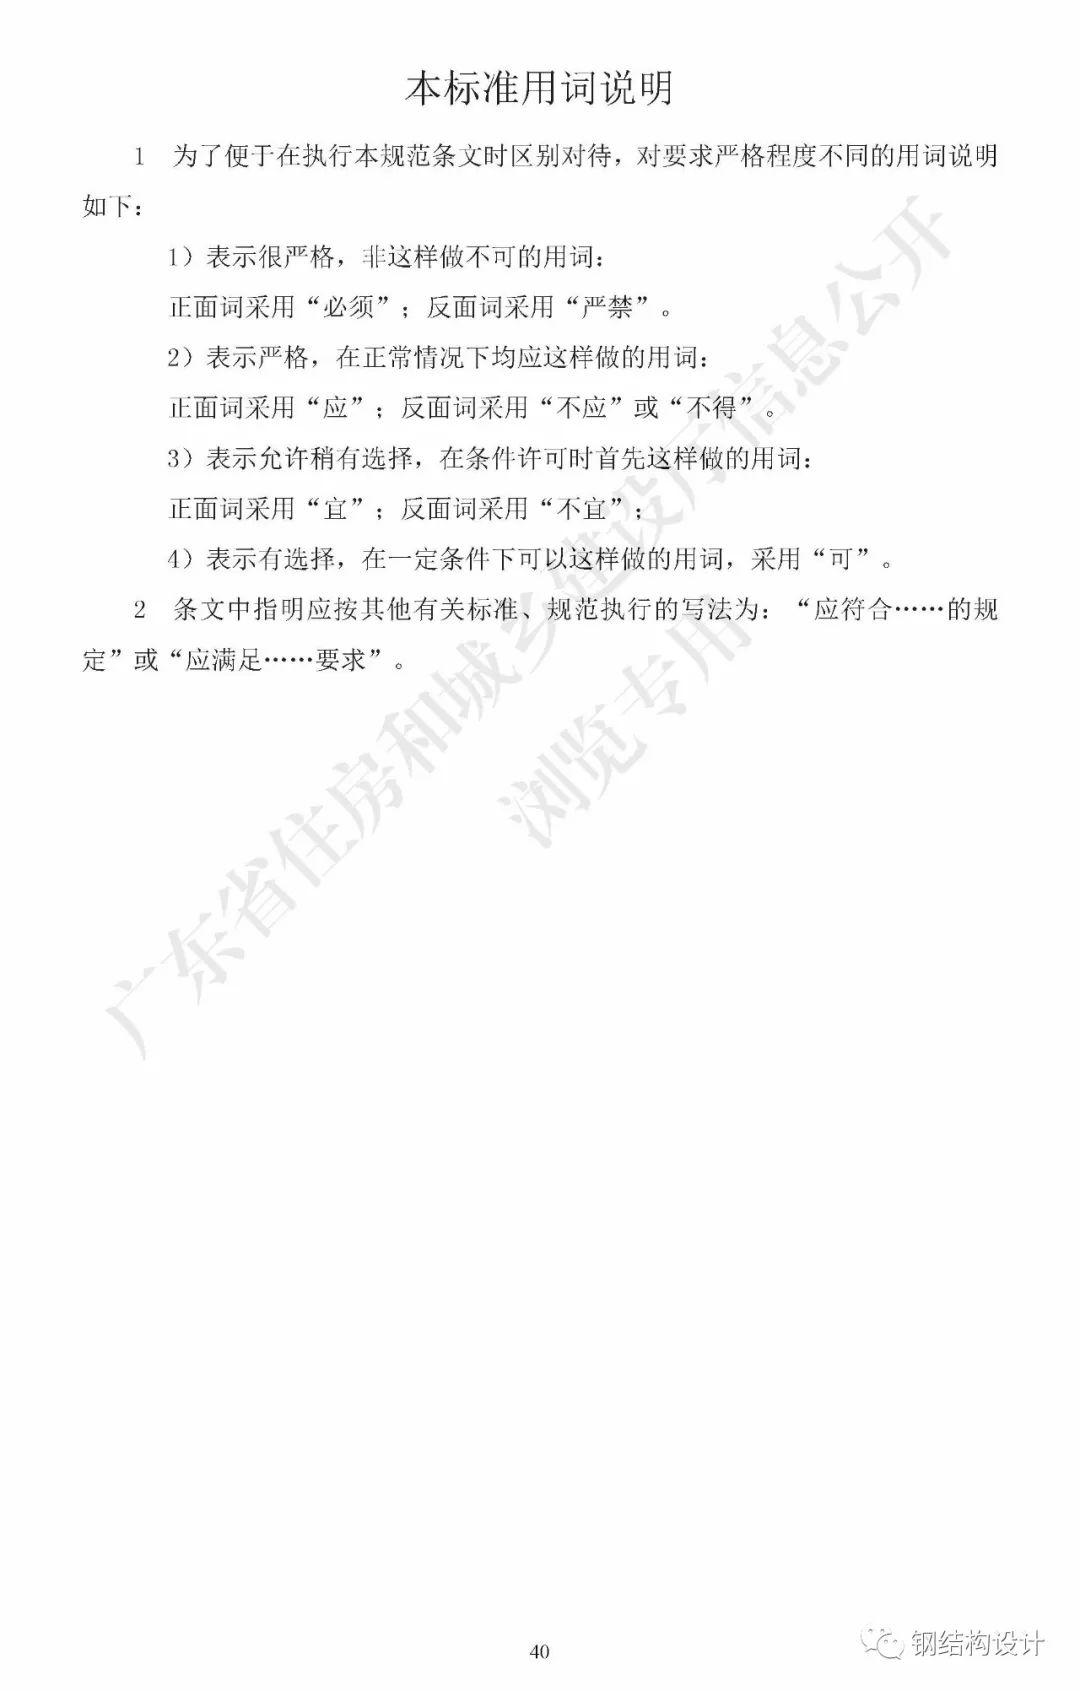 广东省《装配式钢结构建筑技术规程》发布_50